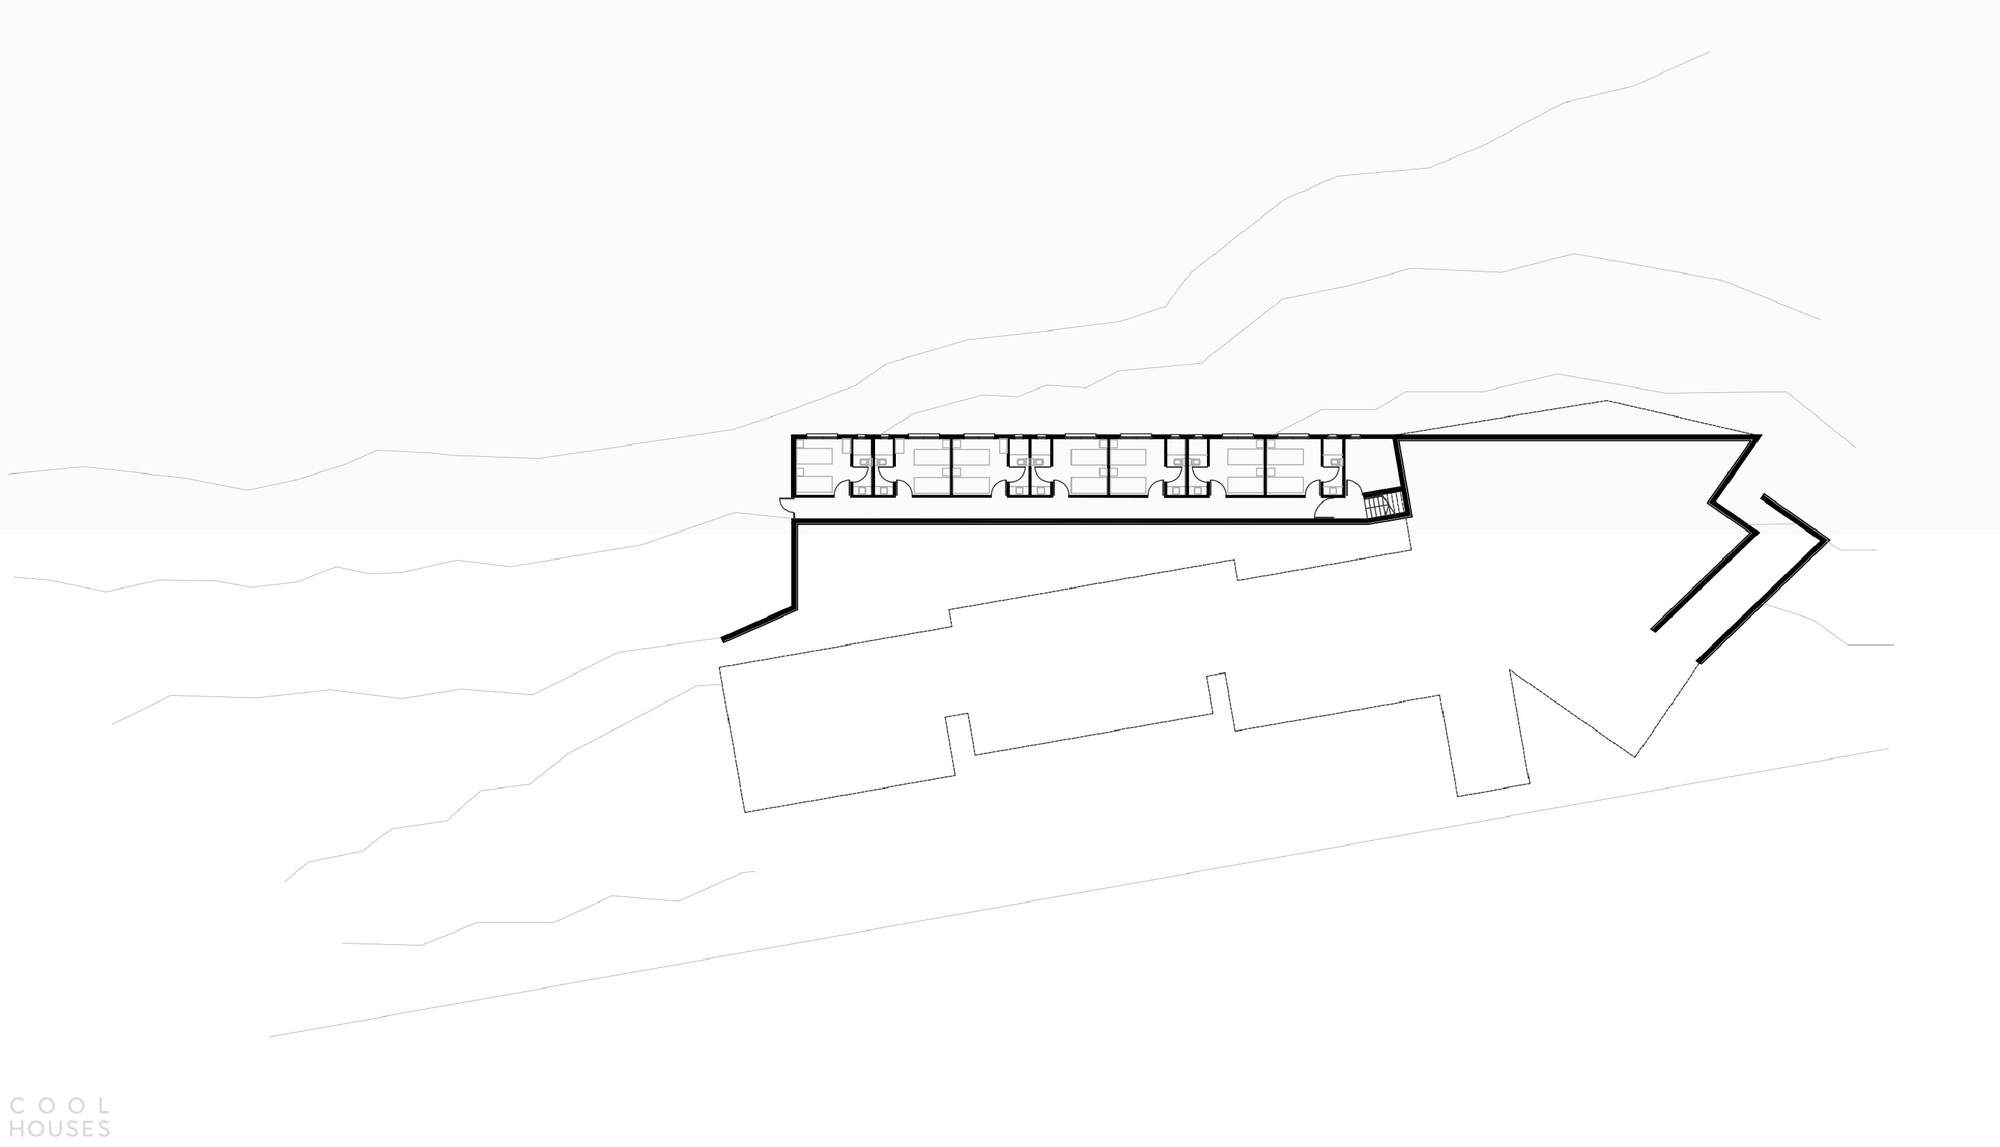 Расширение хостела Calafate в Южной Патагонии, Аргентина